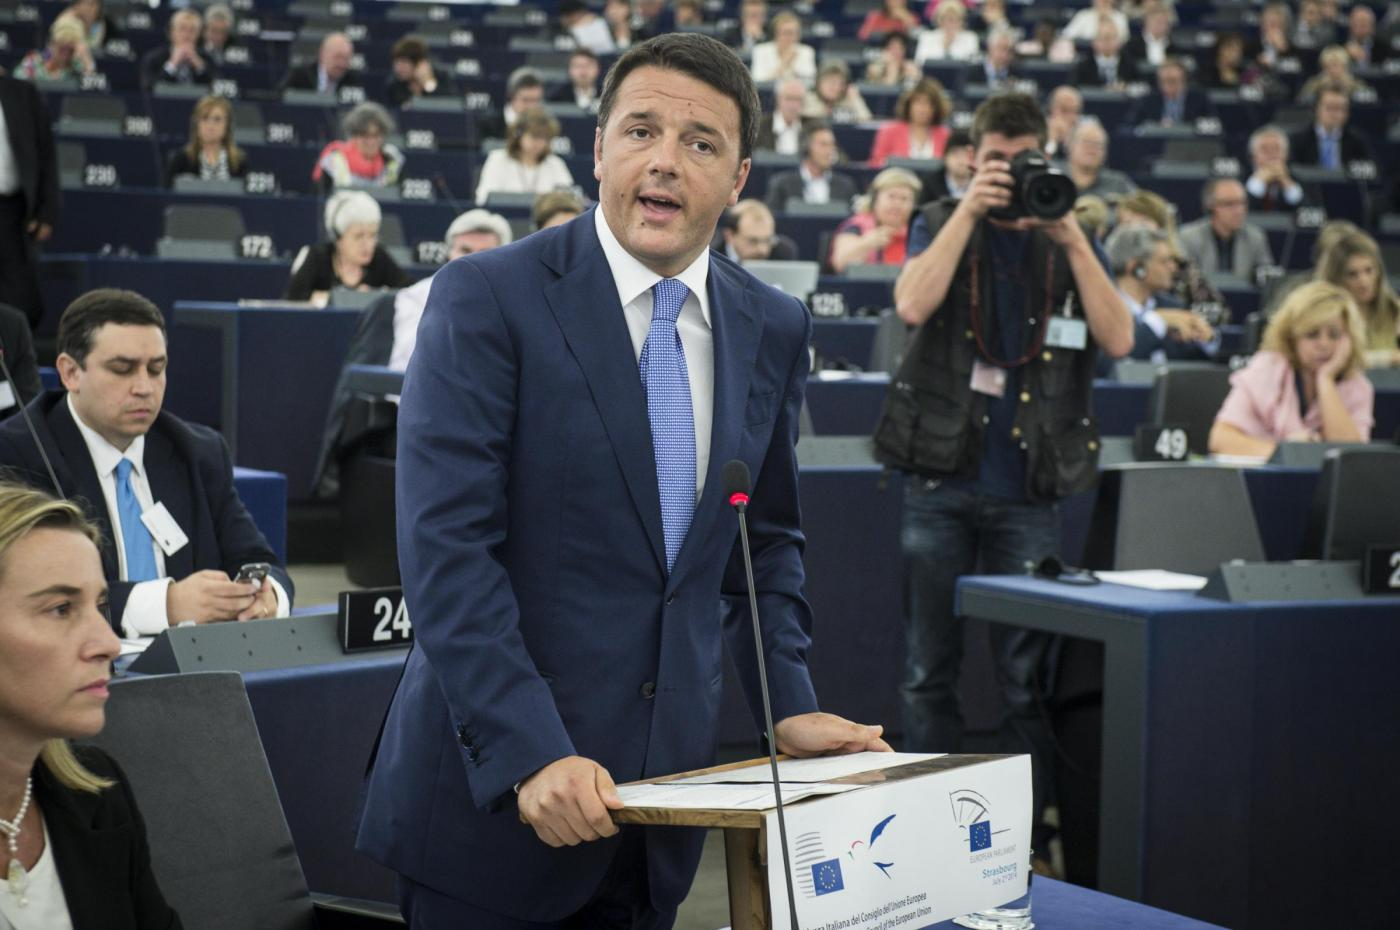 Semestre europeo dell'Italia, il discorso di Renzi: «L'Europa deve cambiare»